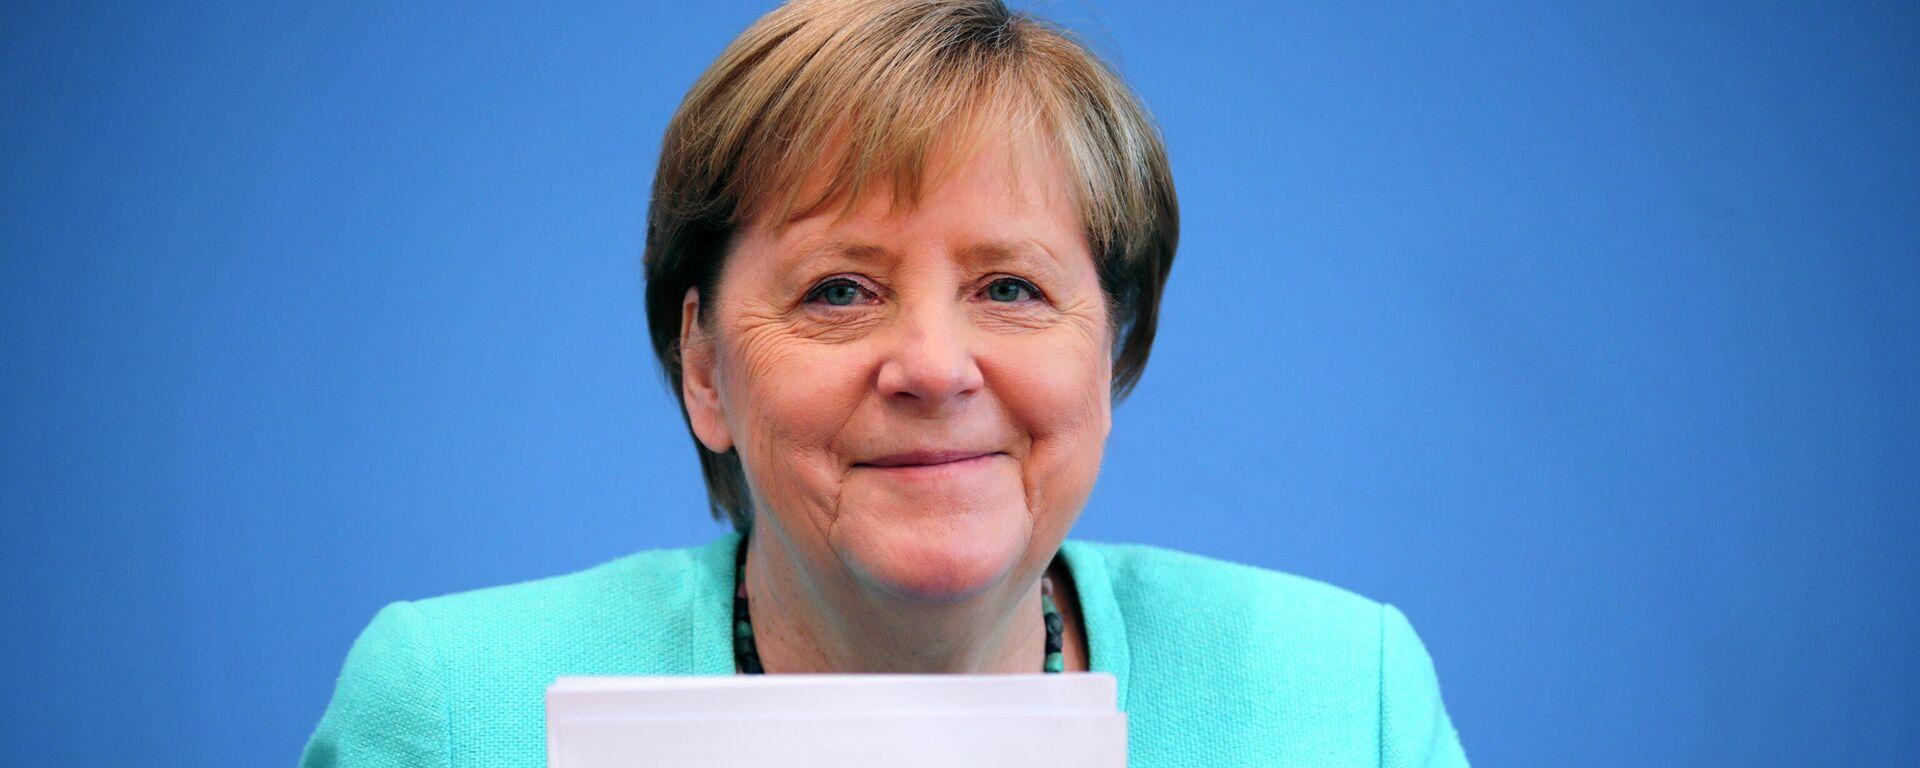 Bundeskanzlerin Angela Merkel (Archivbild) - SNA, 1920, 11.09.2021